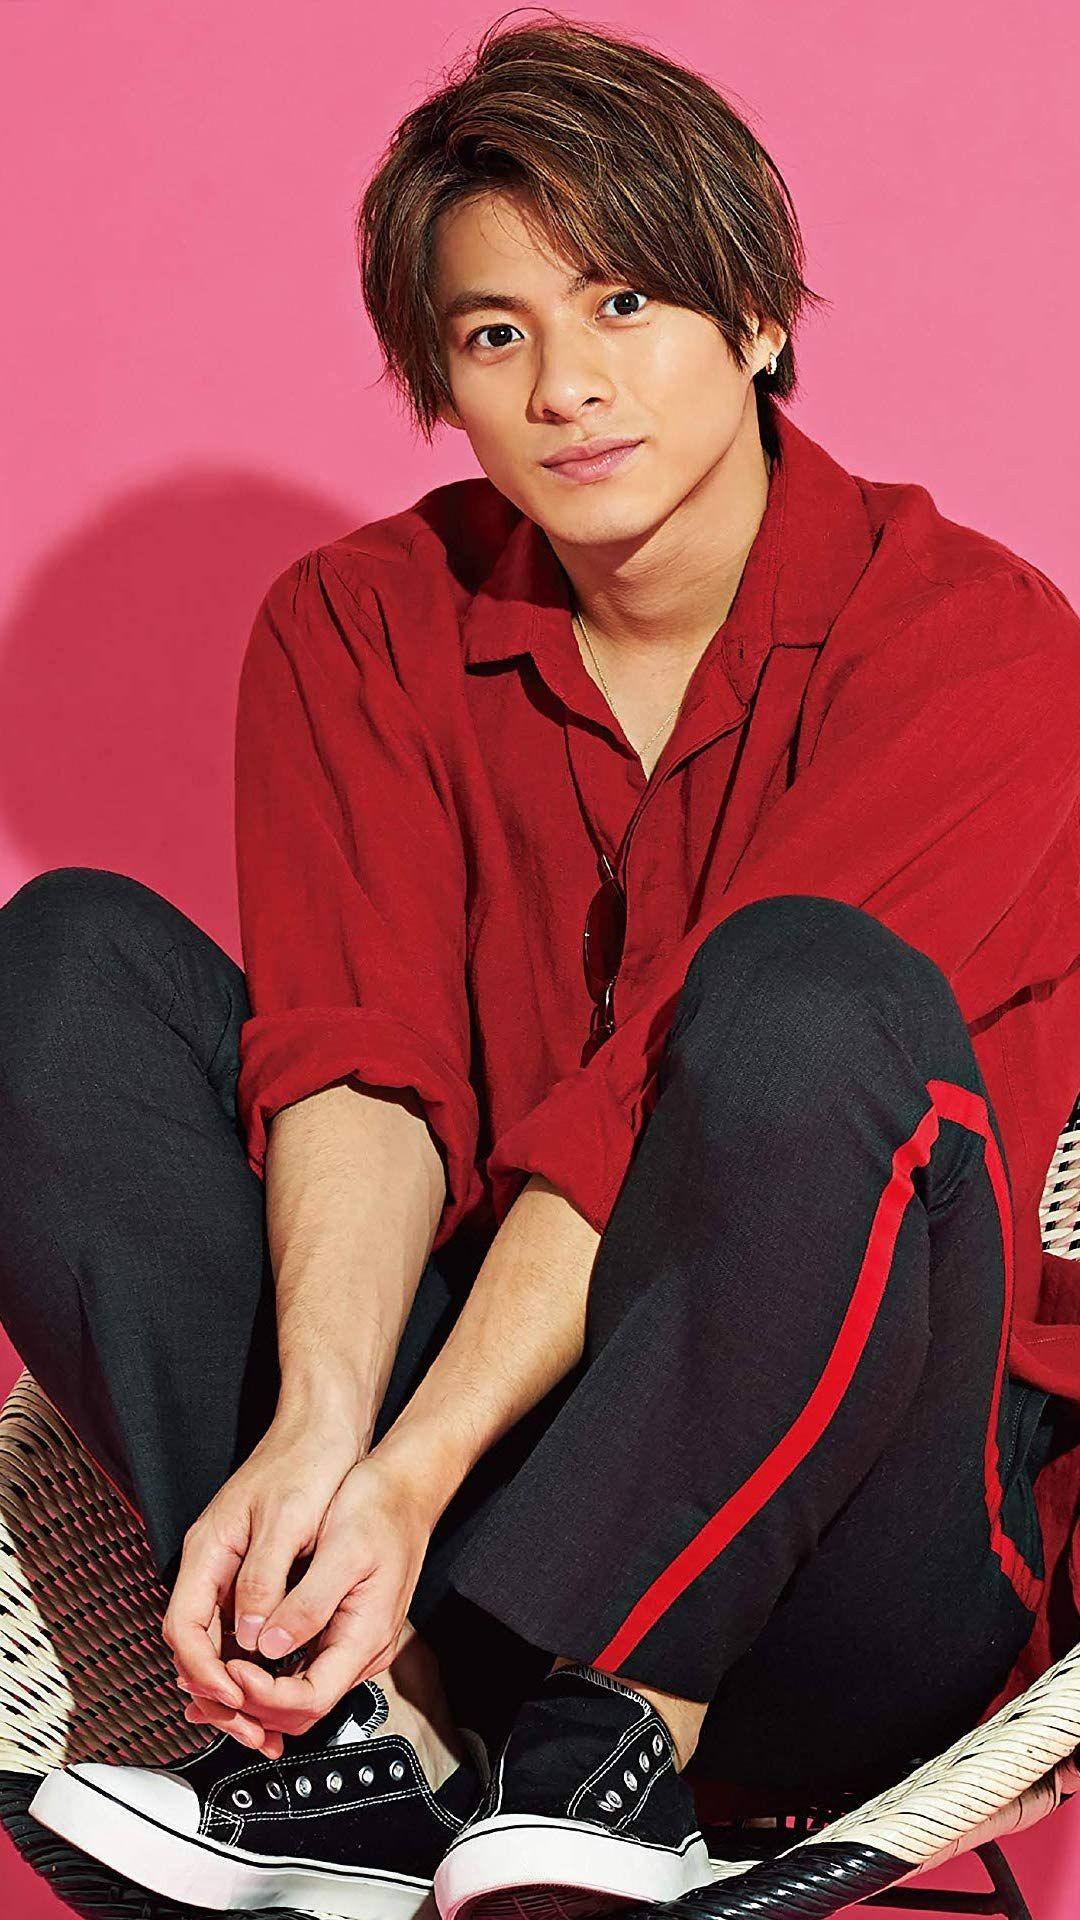 平野紫耀 17 無料高画質iphone壁紙 めちゃ人気 Iphone壁紙dj In 2020 Japan Idol